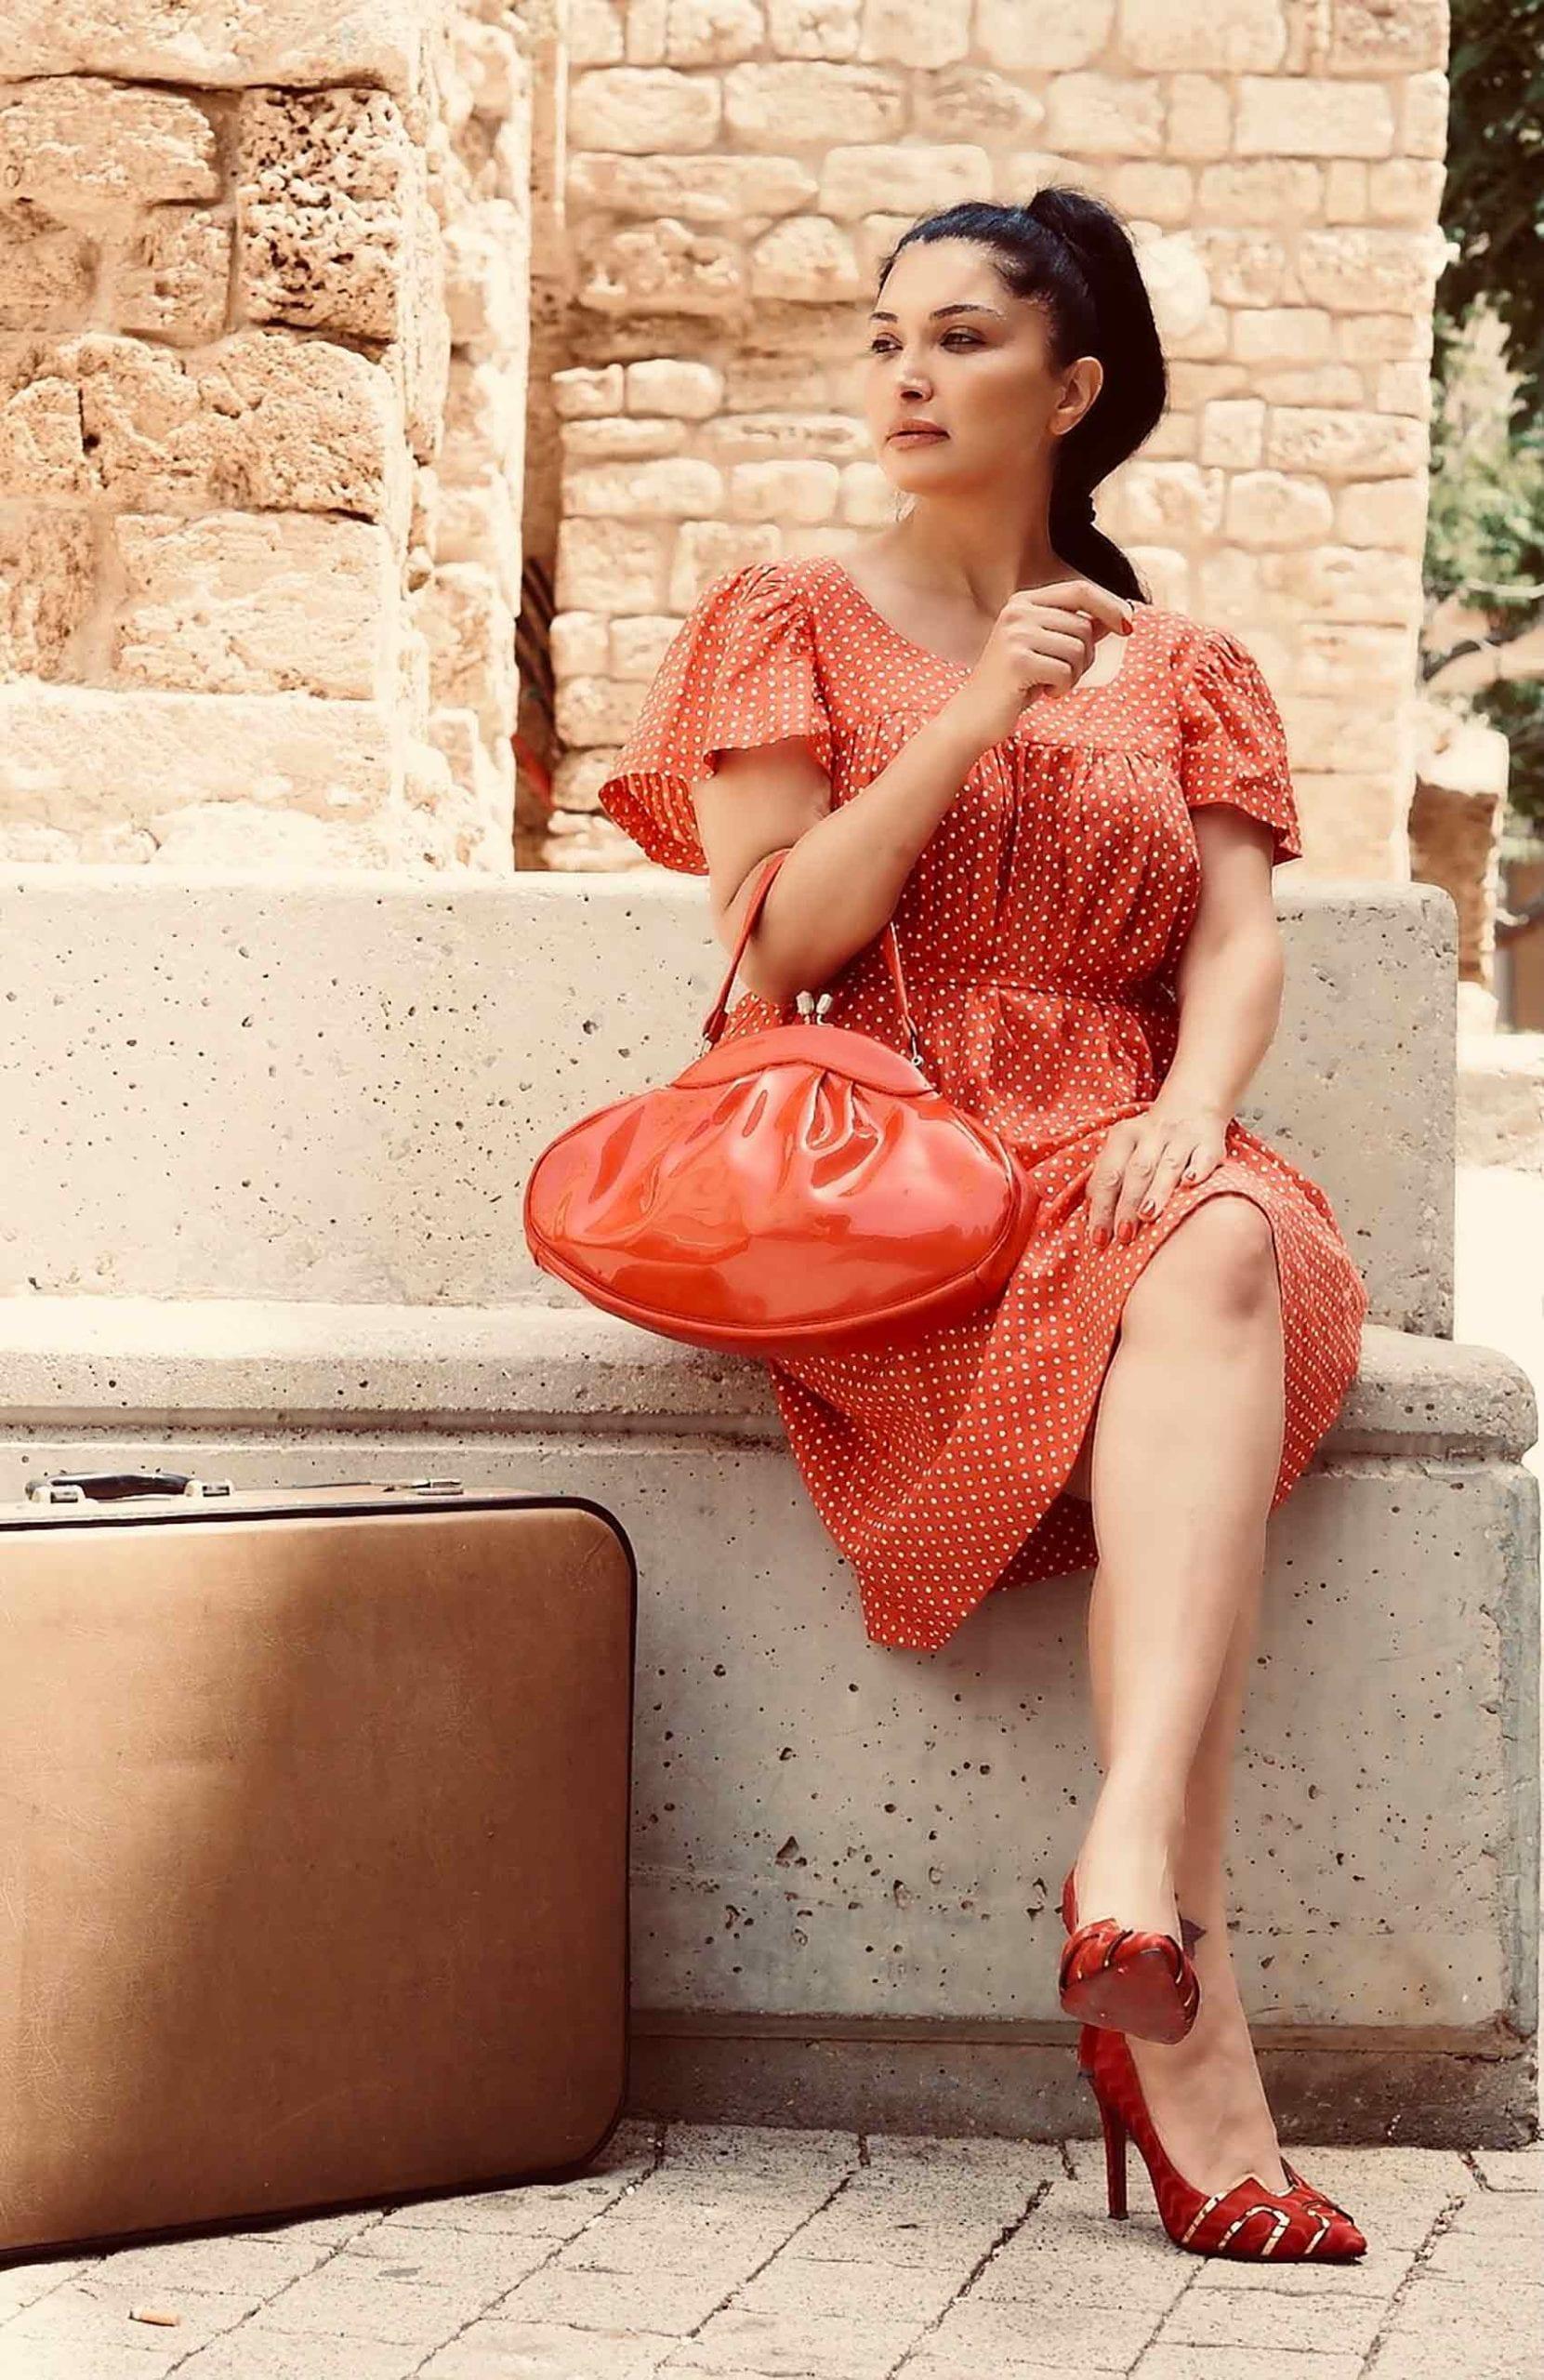 שמלת-פולקה-לוני-וינטג'-צילום-Kim-kandler-אופנה